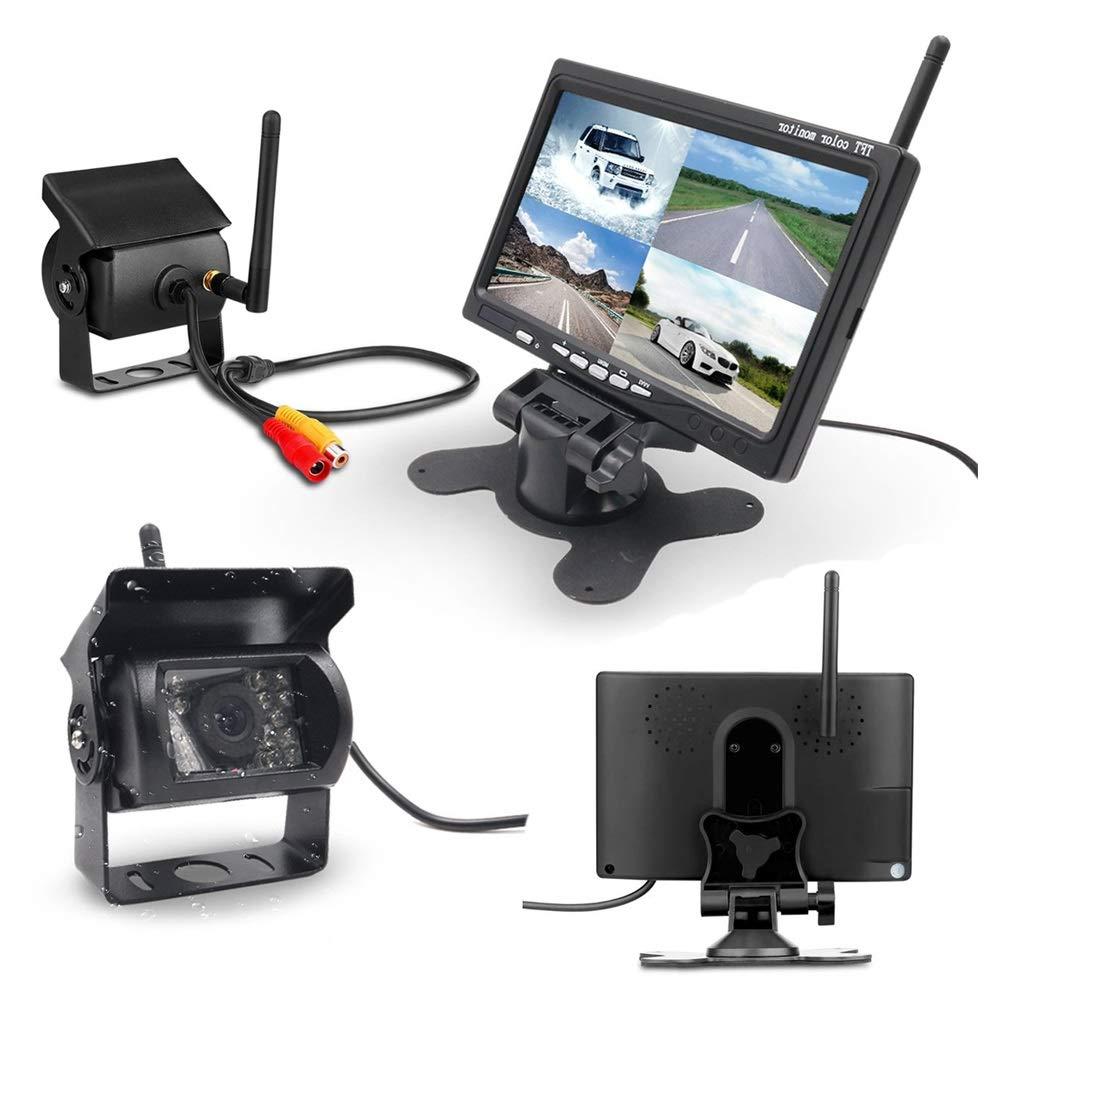 kit per visione notturna sistema di assistenza al parcheggio monitor LCD TFT da 7 impermeabile Telecamera di retromarcia wireless per auto